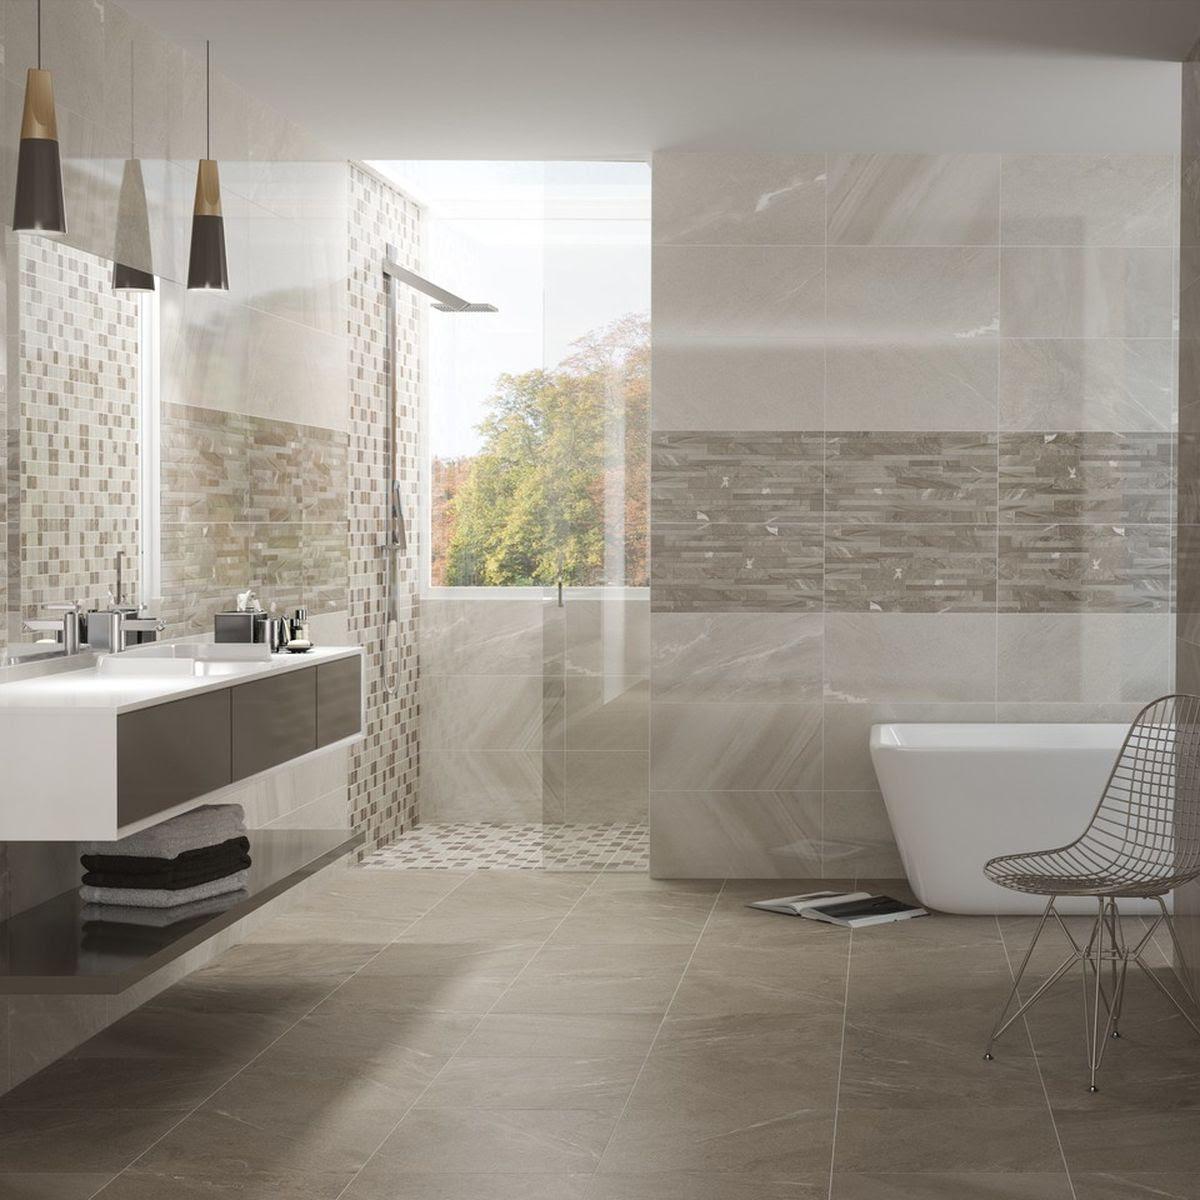 New Age Noce - Mannix Tiles & Bathrooms